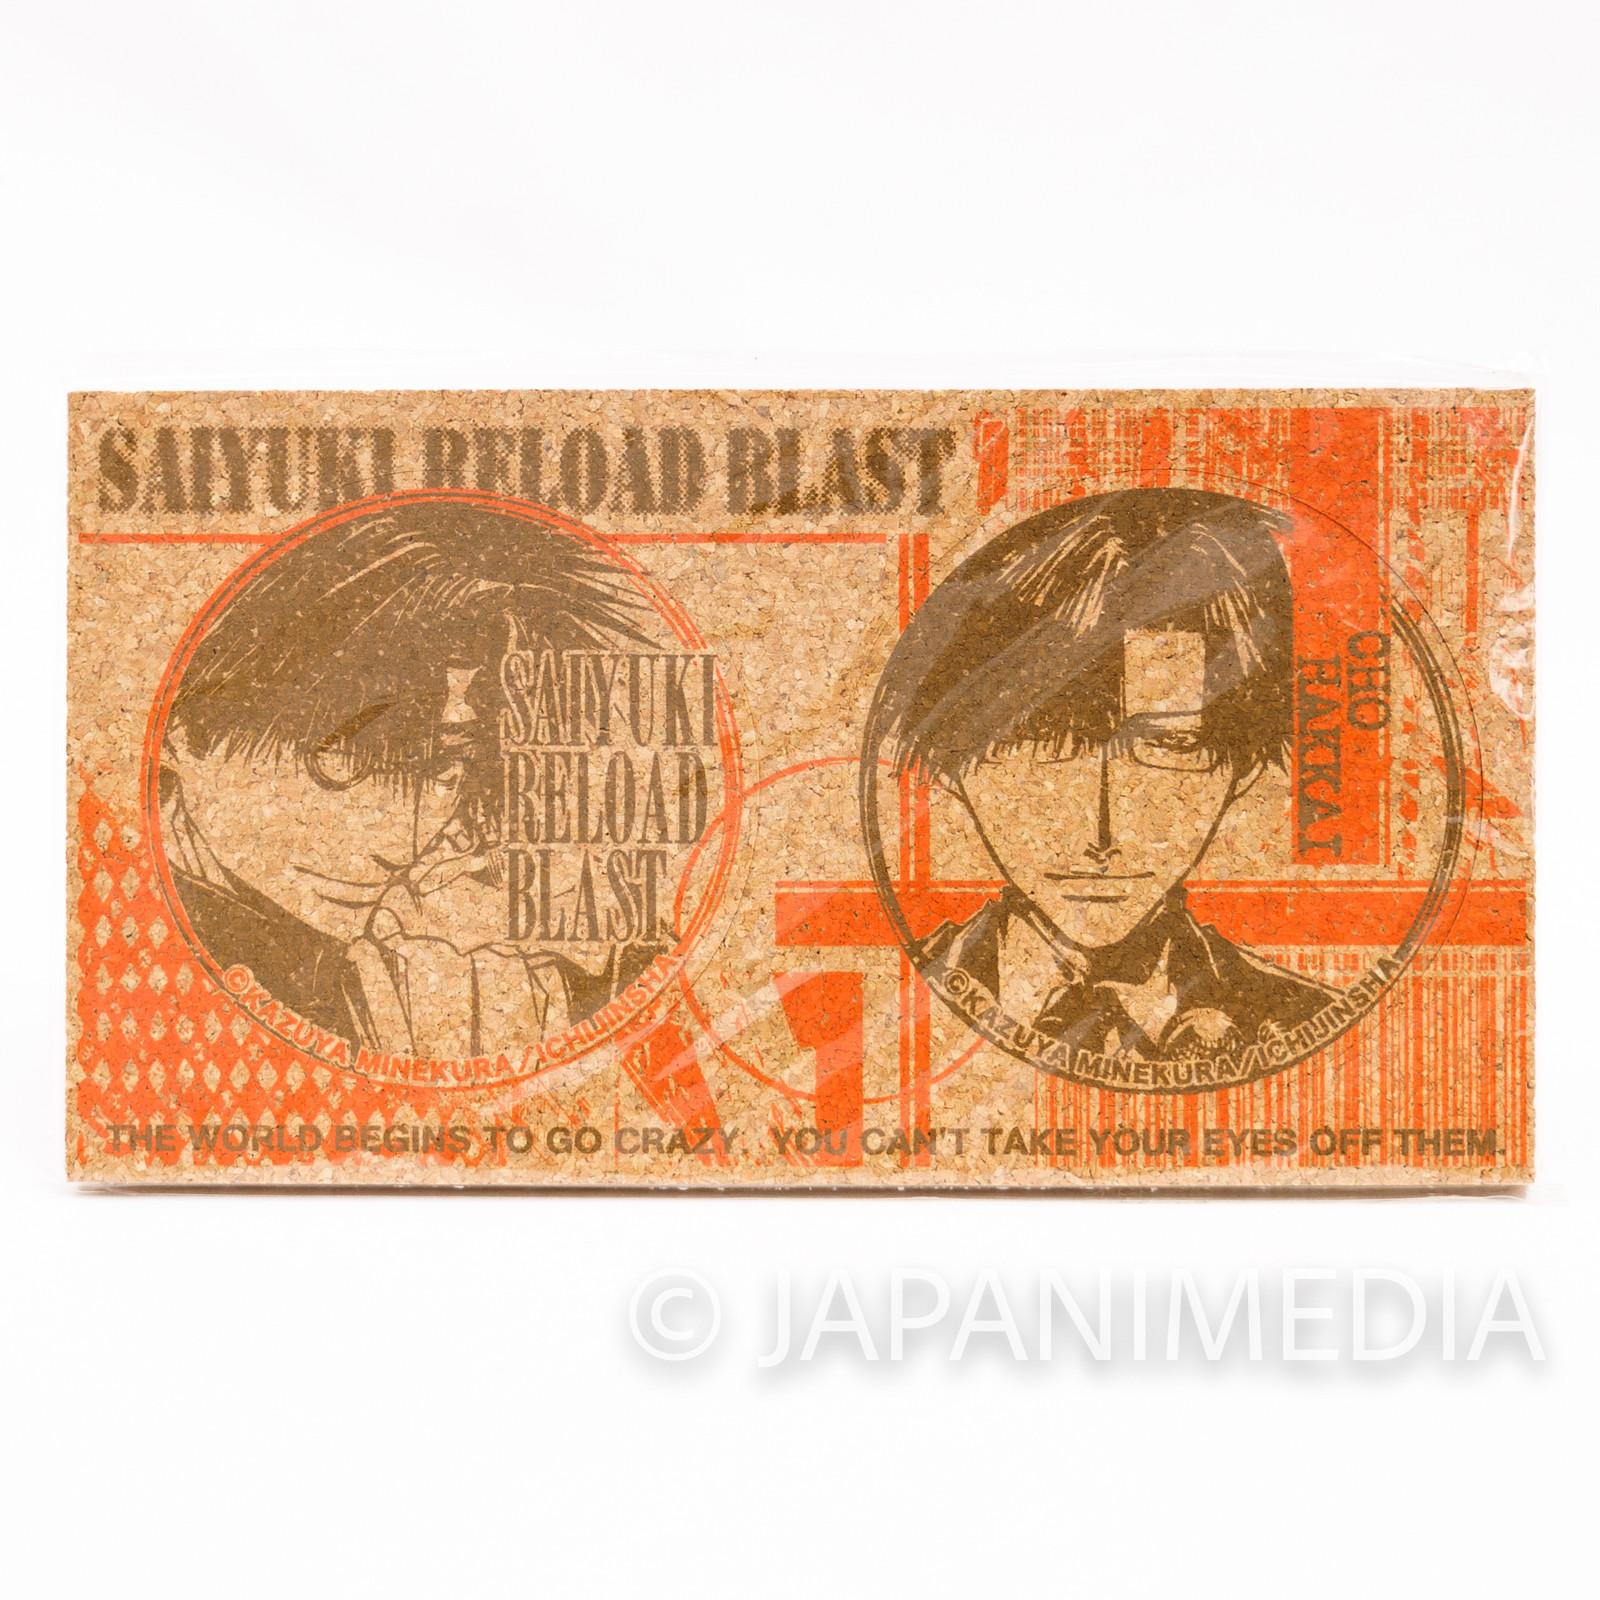 SAIYUKI Reload Blast Cho Hakkai Cork Coasters Set Kazuya Minekura JAPAN ANIME